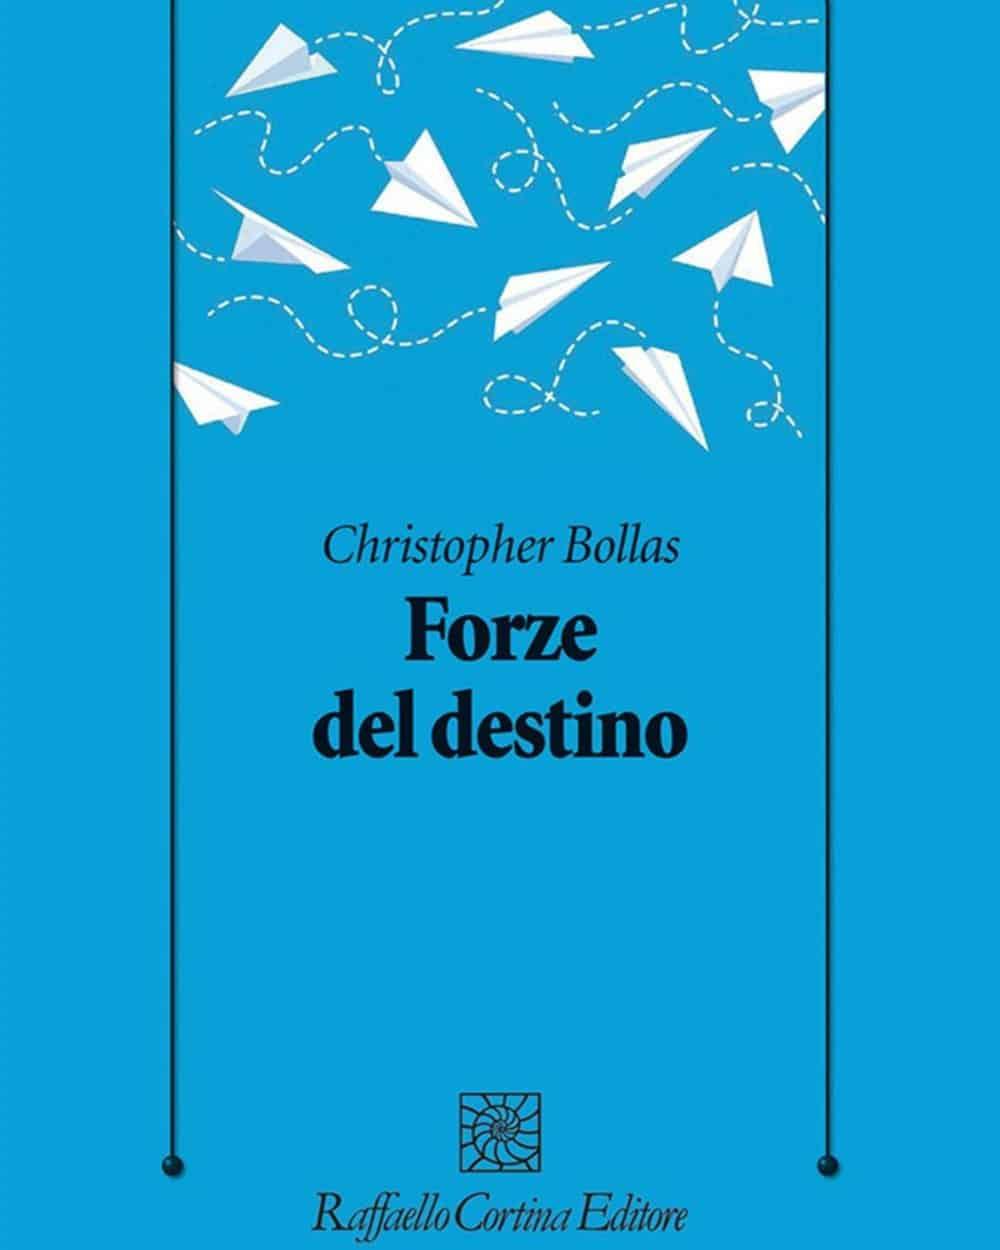 Forze del destino (2021) di Christopher Bollas – Recensione del libro